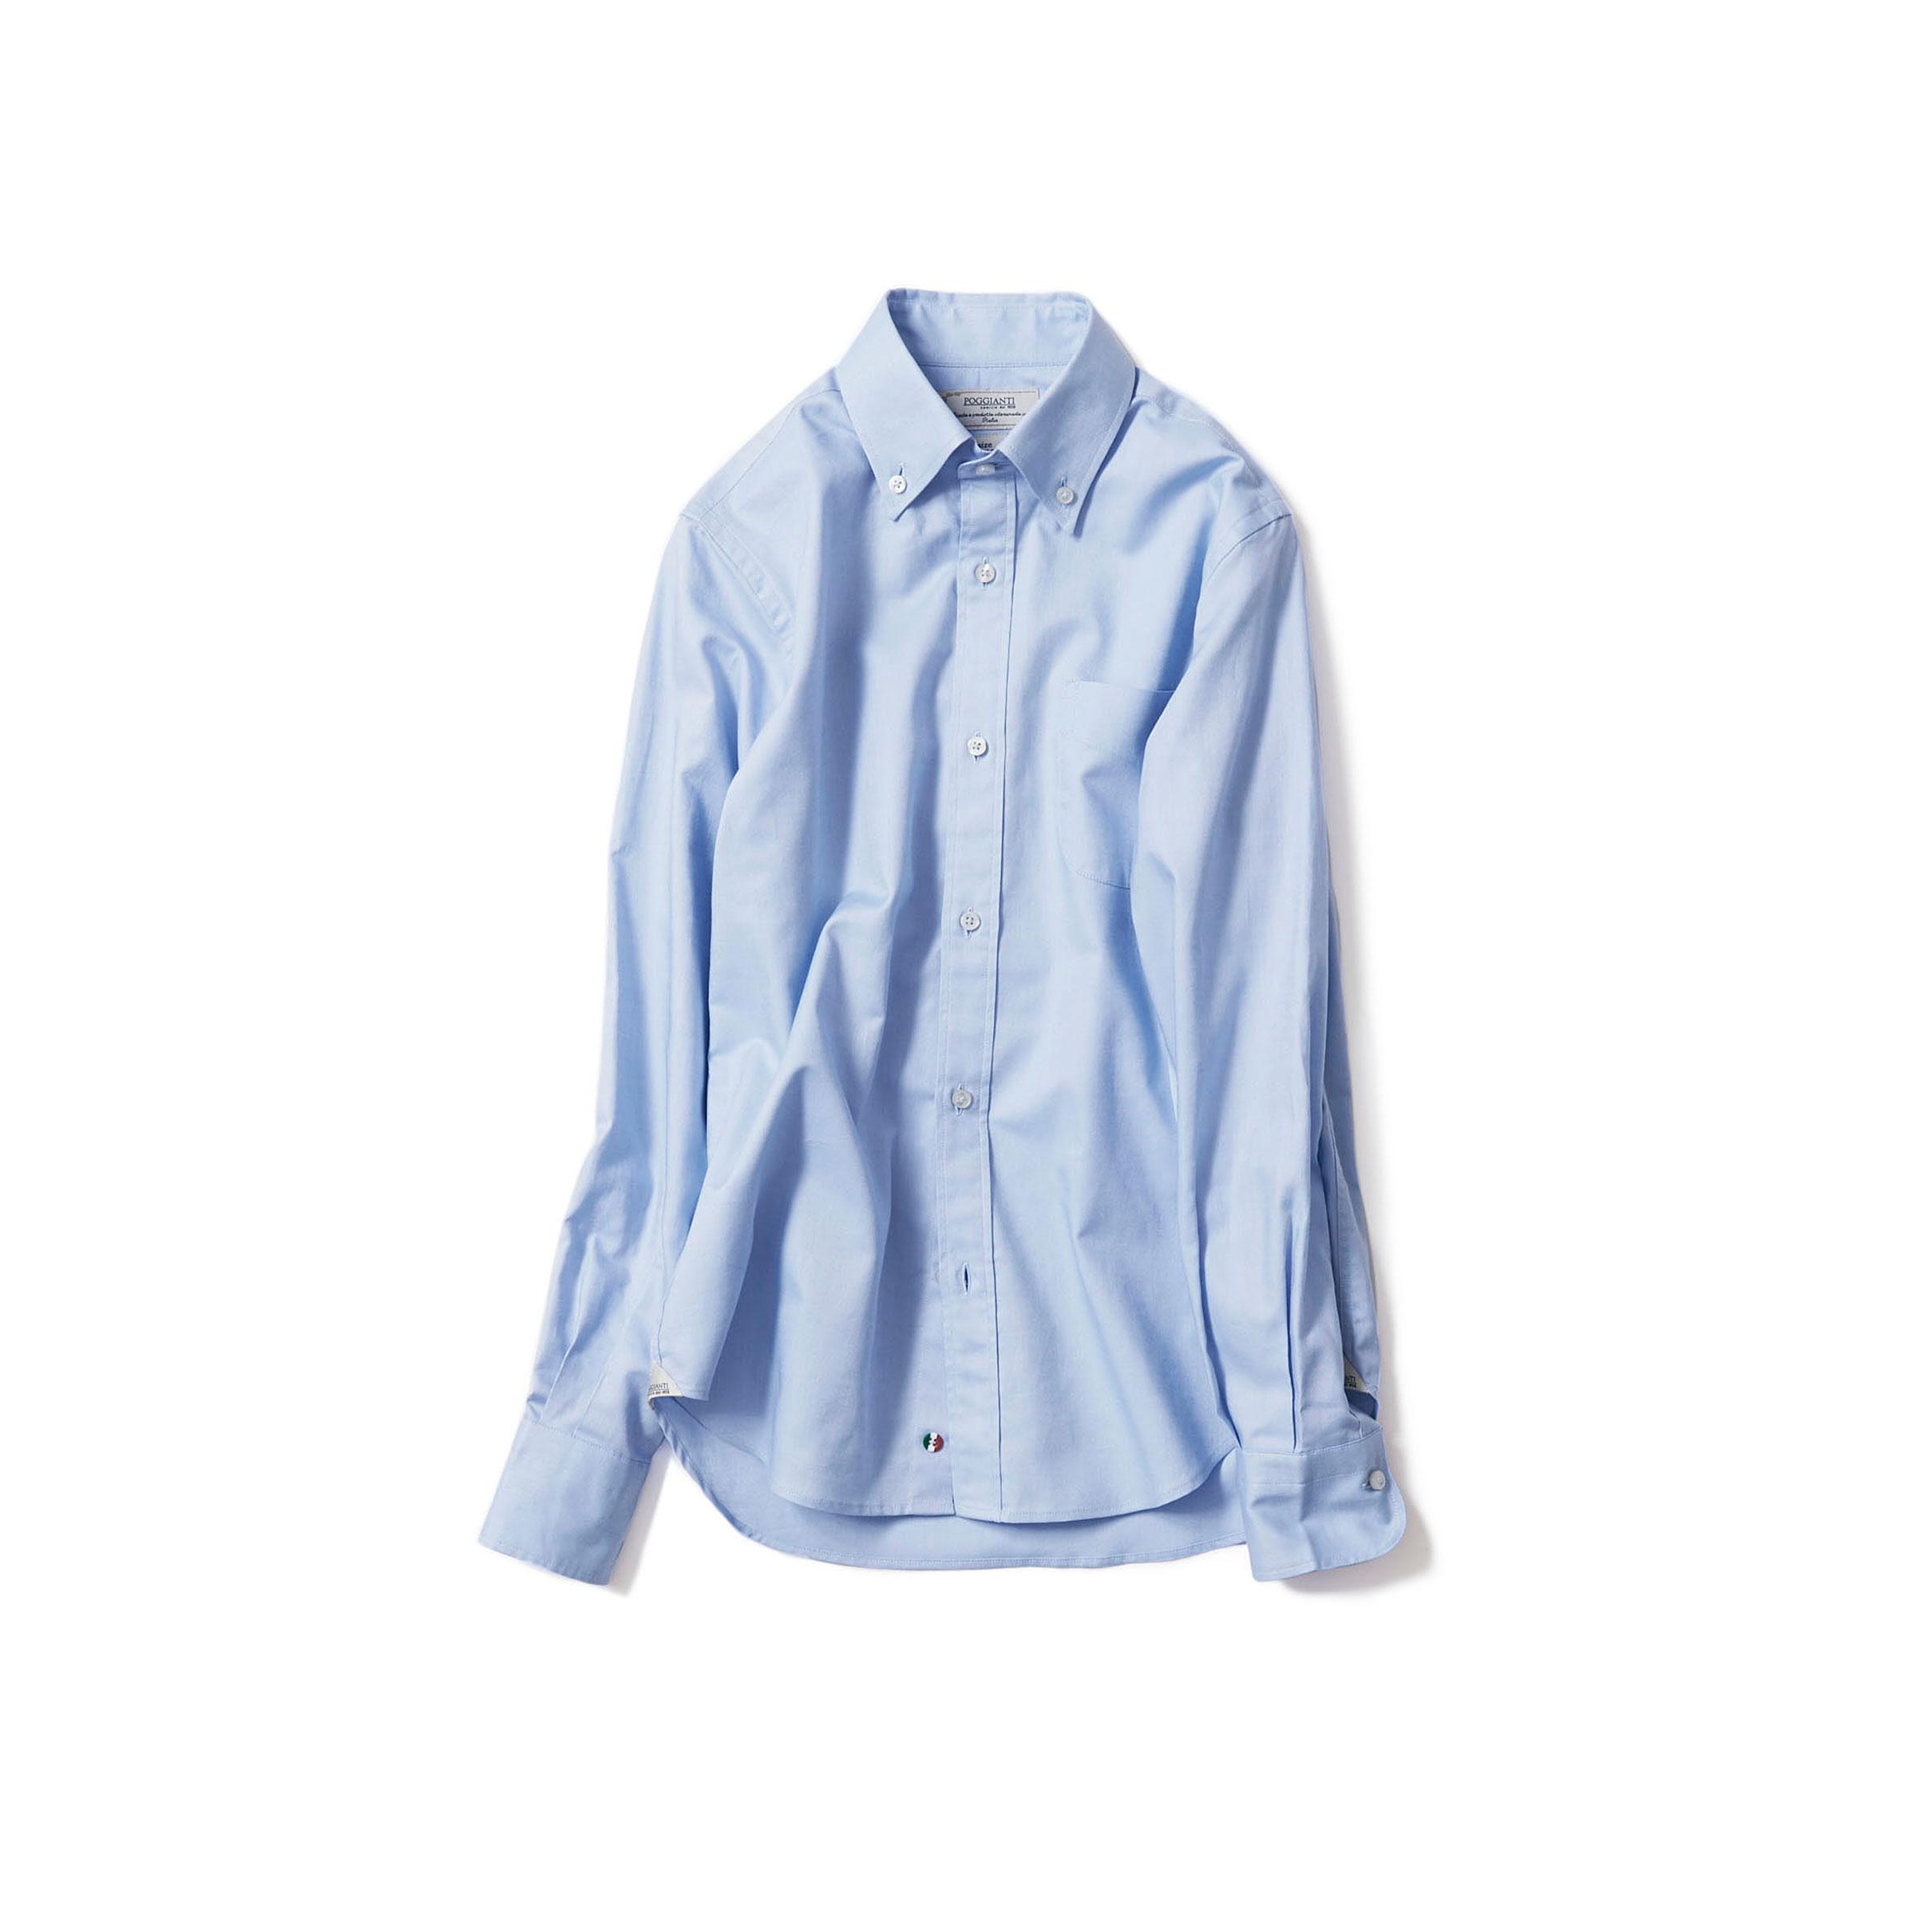 王道トラッド、ボーイズシャツ